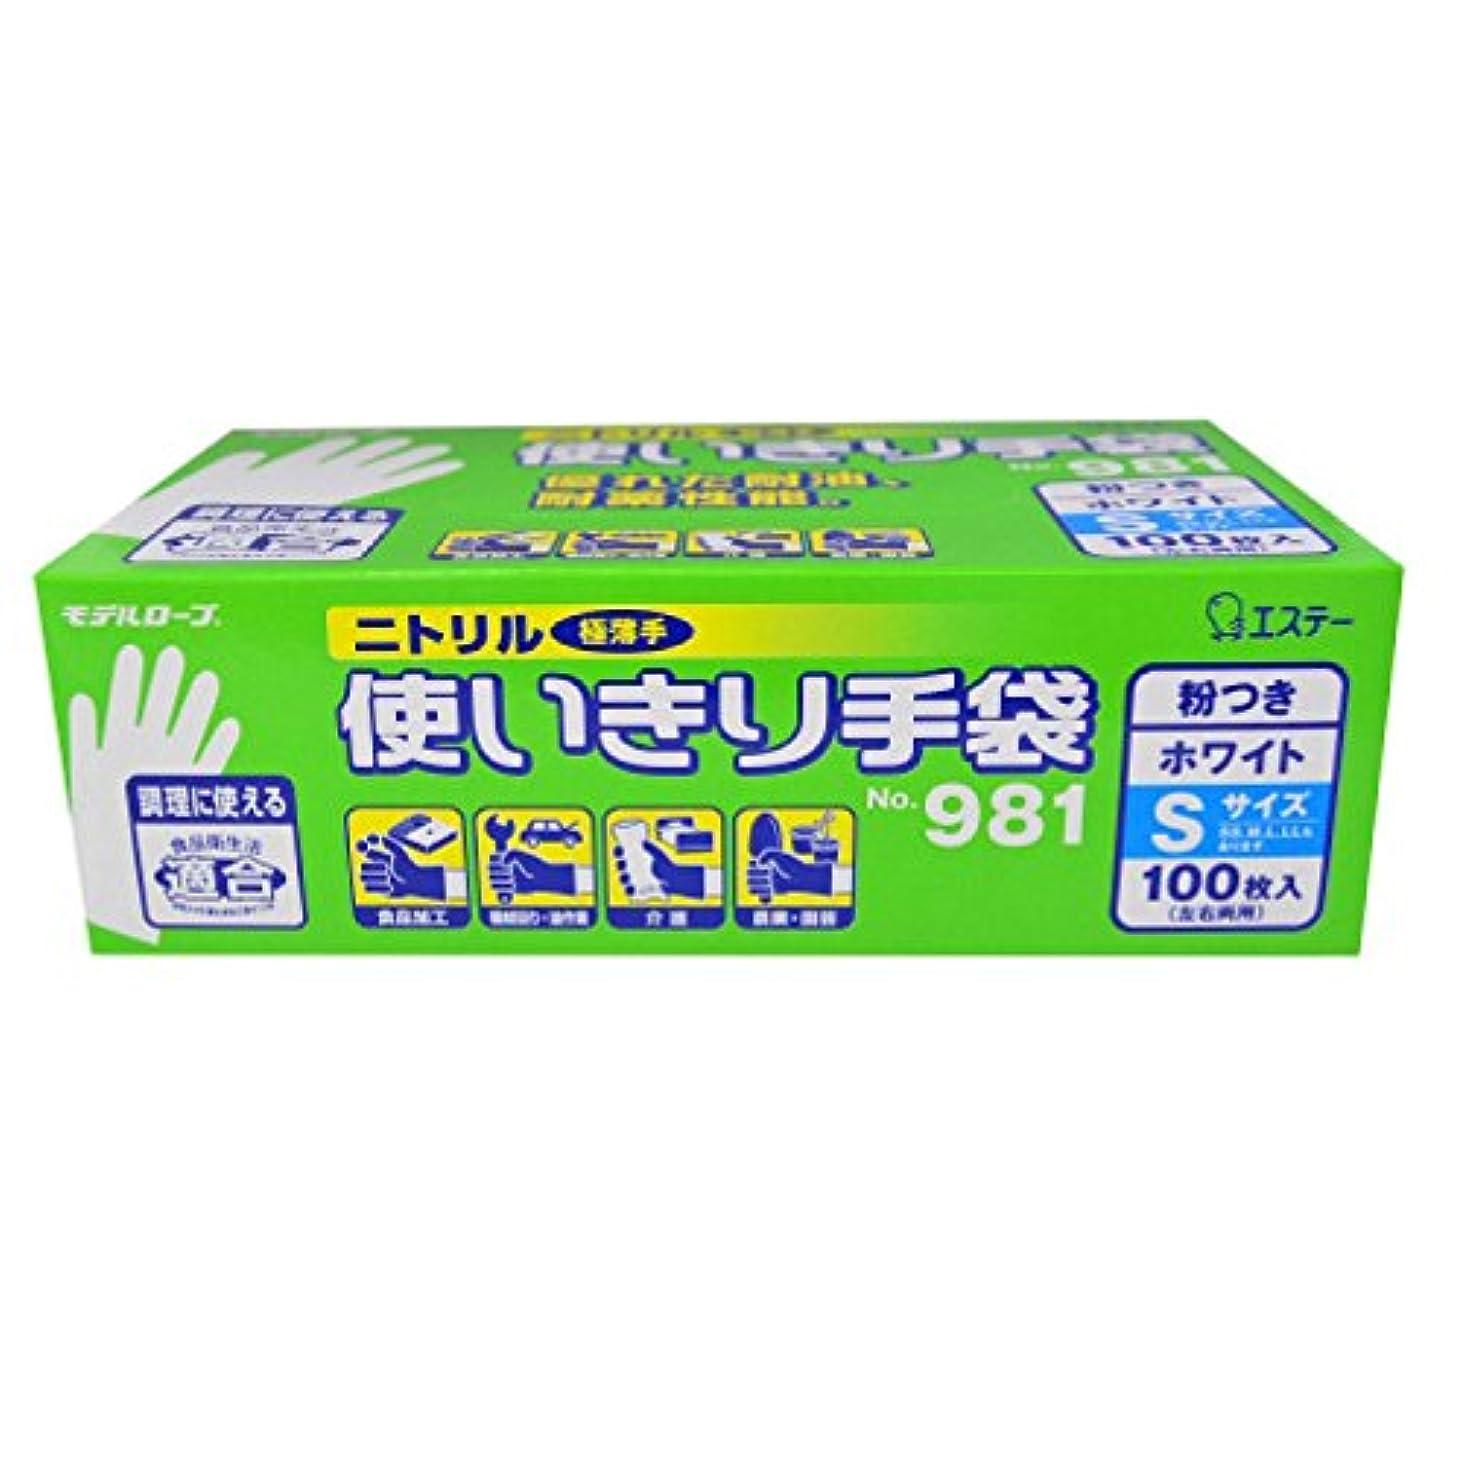 数バックカンガルーエステー 二トリル手袋 粉付(100枚入)S ブルー No.981